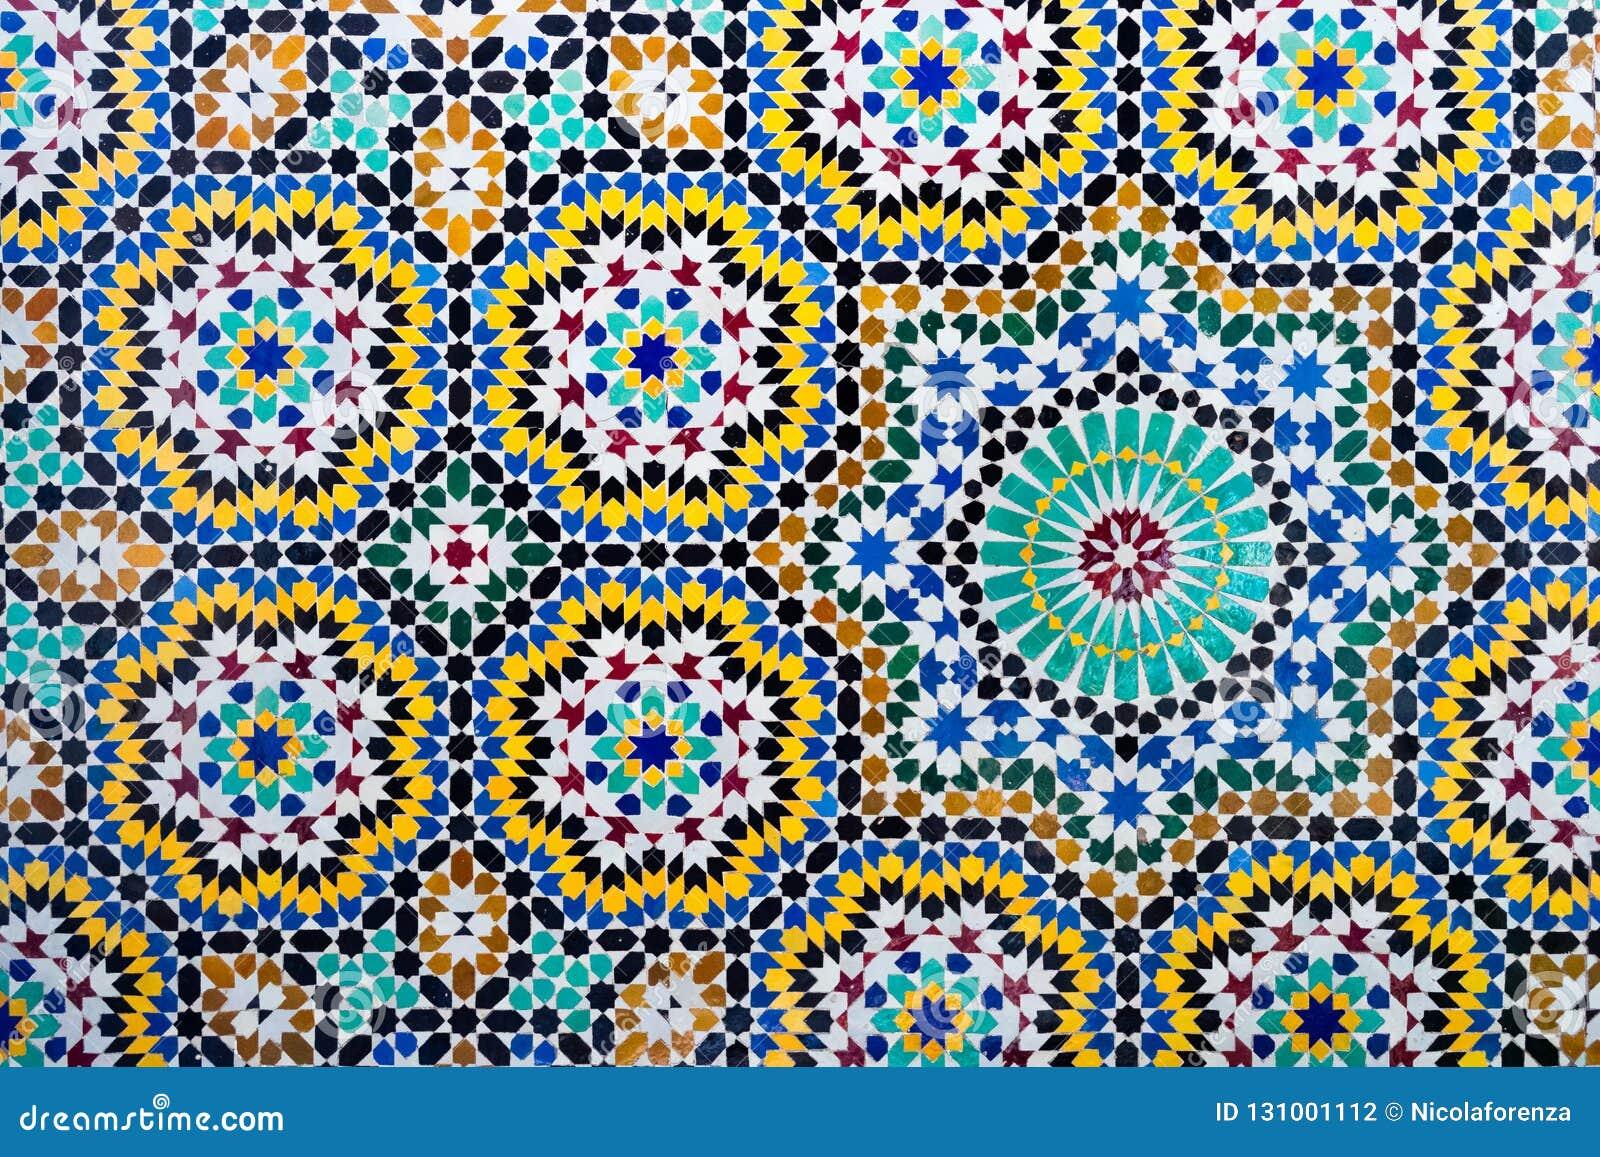 伊斯兰教的马赛克摩洛哥样式有用作为背景